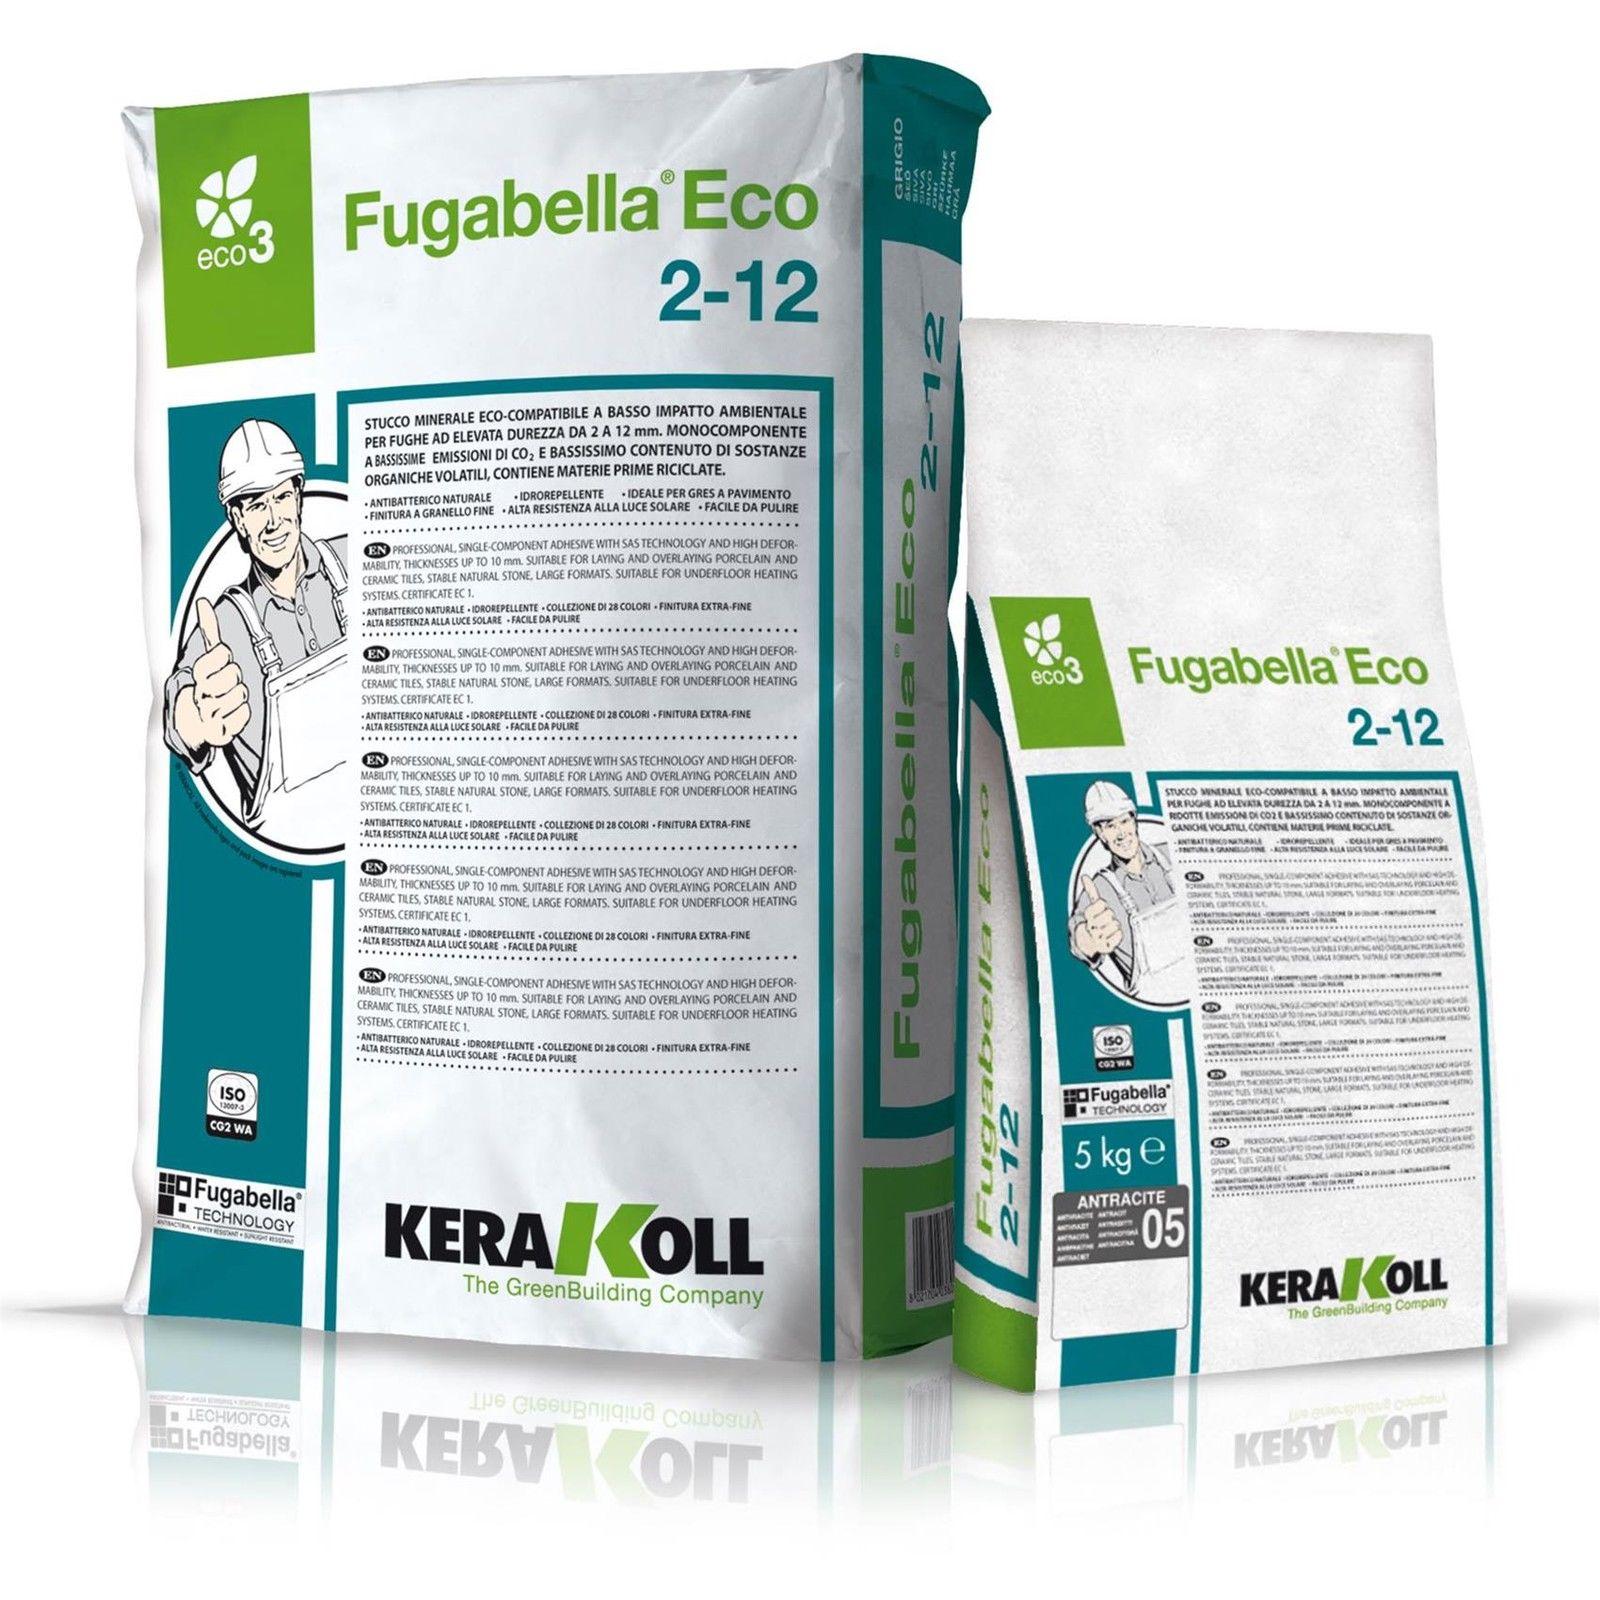 Kerakoll fugabella eco 2-12 stucco fuga per piastrelle caramel kg5